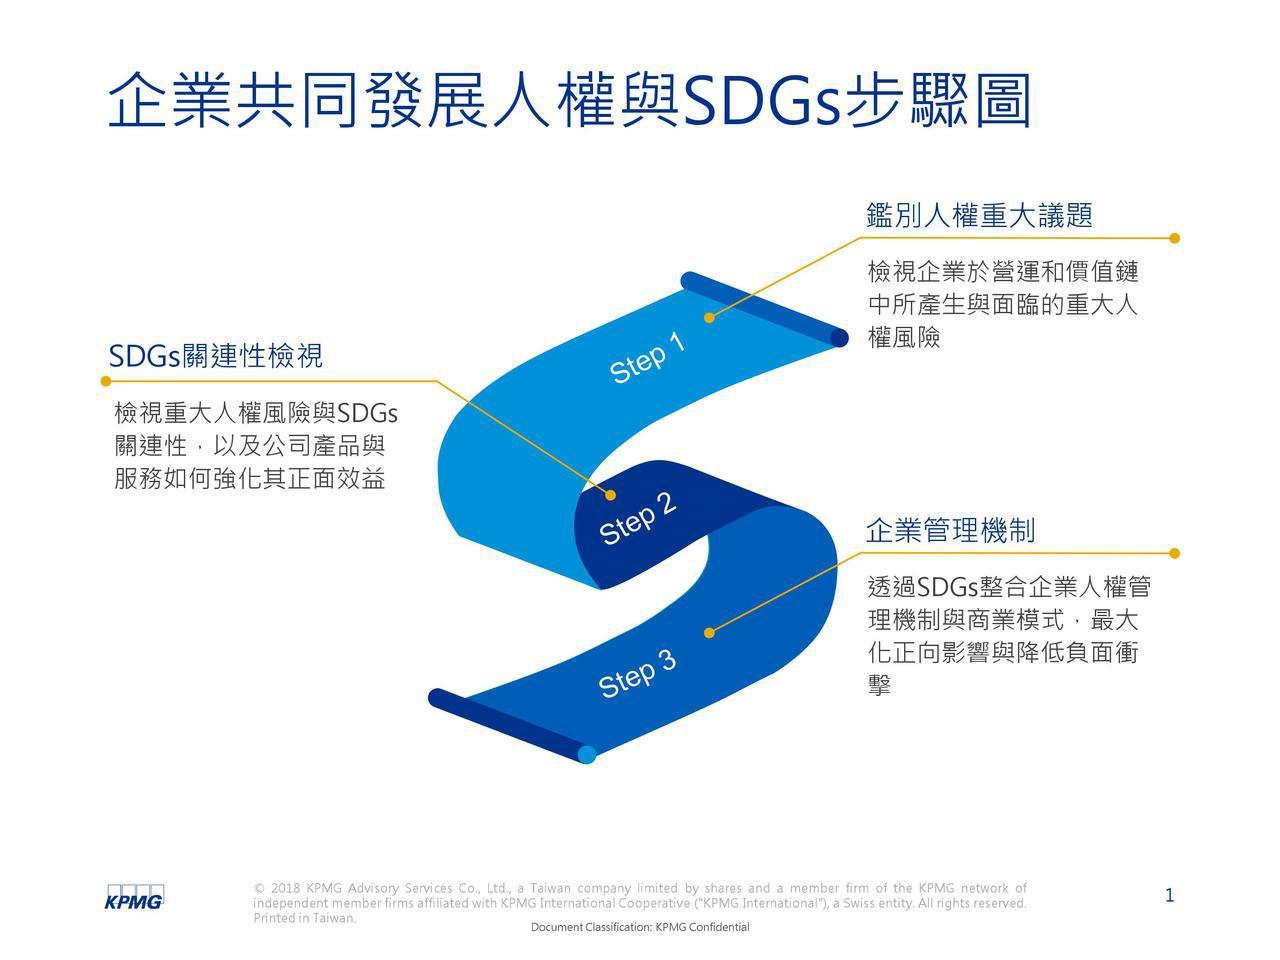 企業共同發展人權與SDGs(聯合國永續發展目標)步驟圖。 圖/KPMG整理